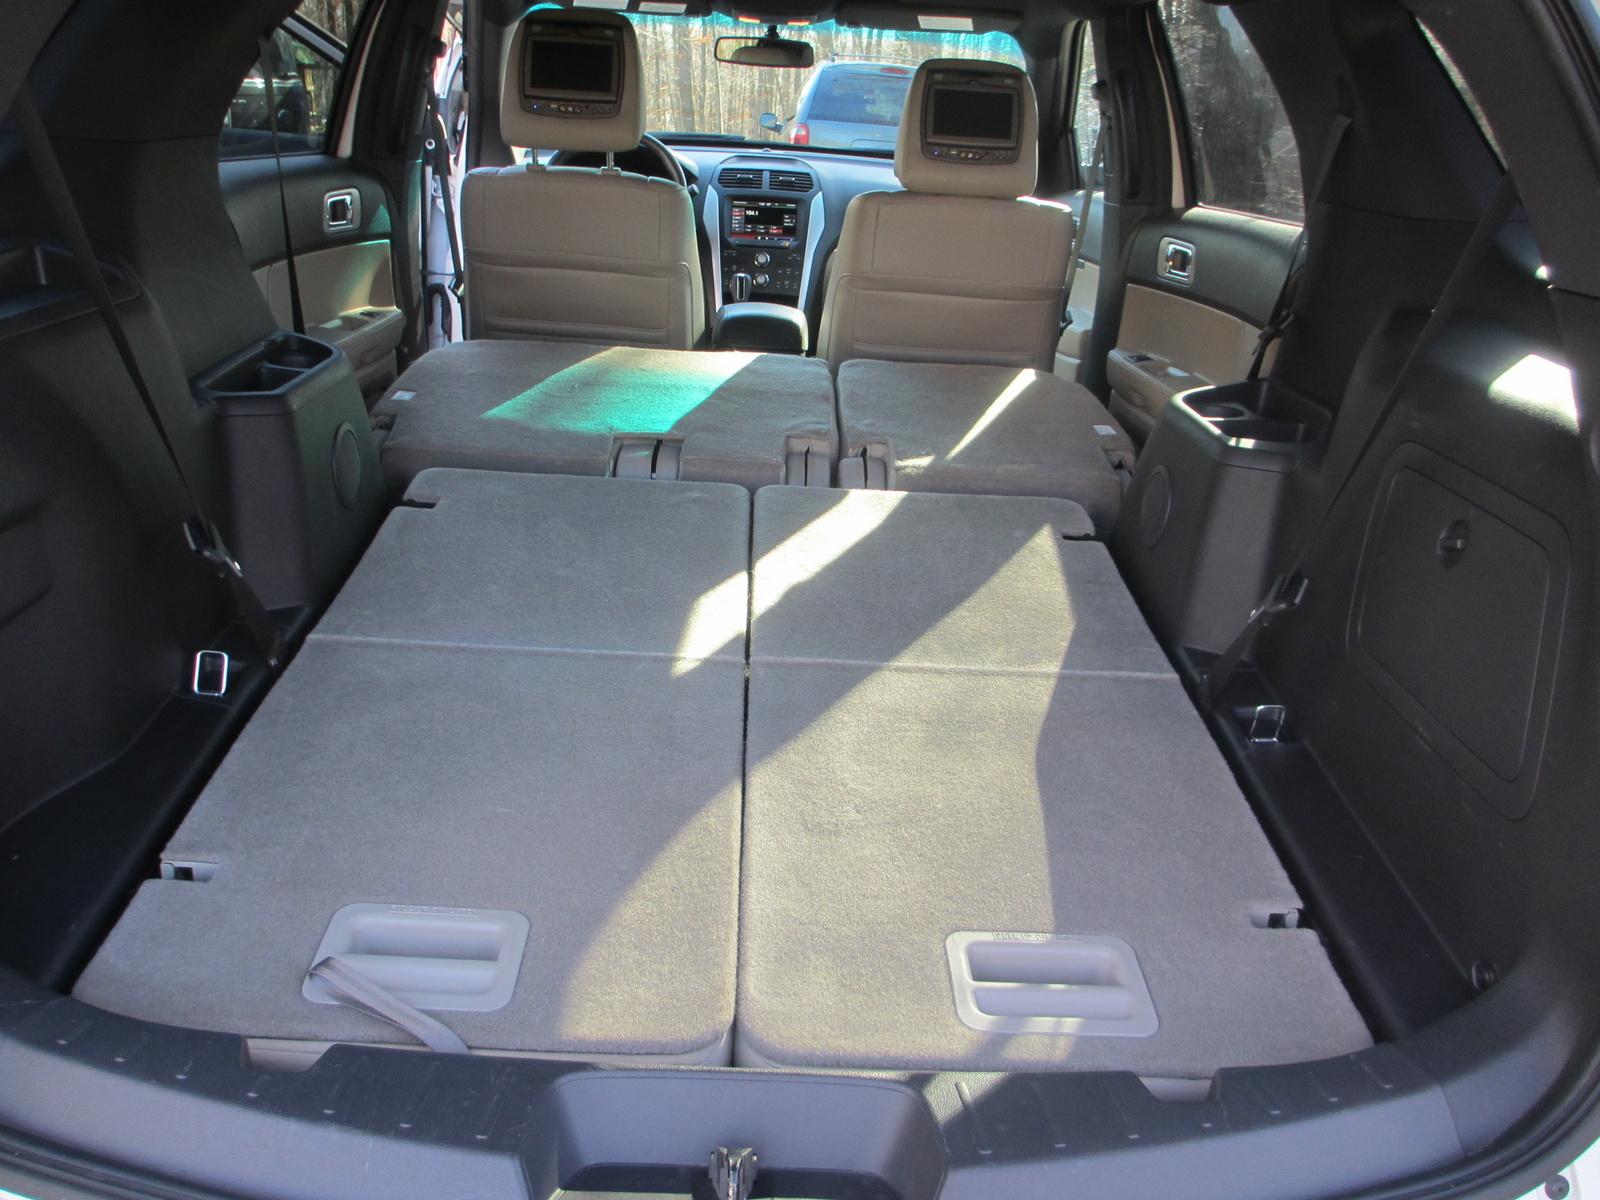 2012 Ford Explorer Interior Pictures Cargurus